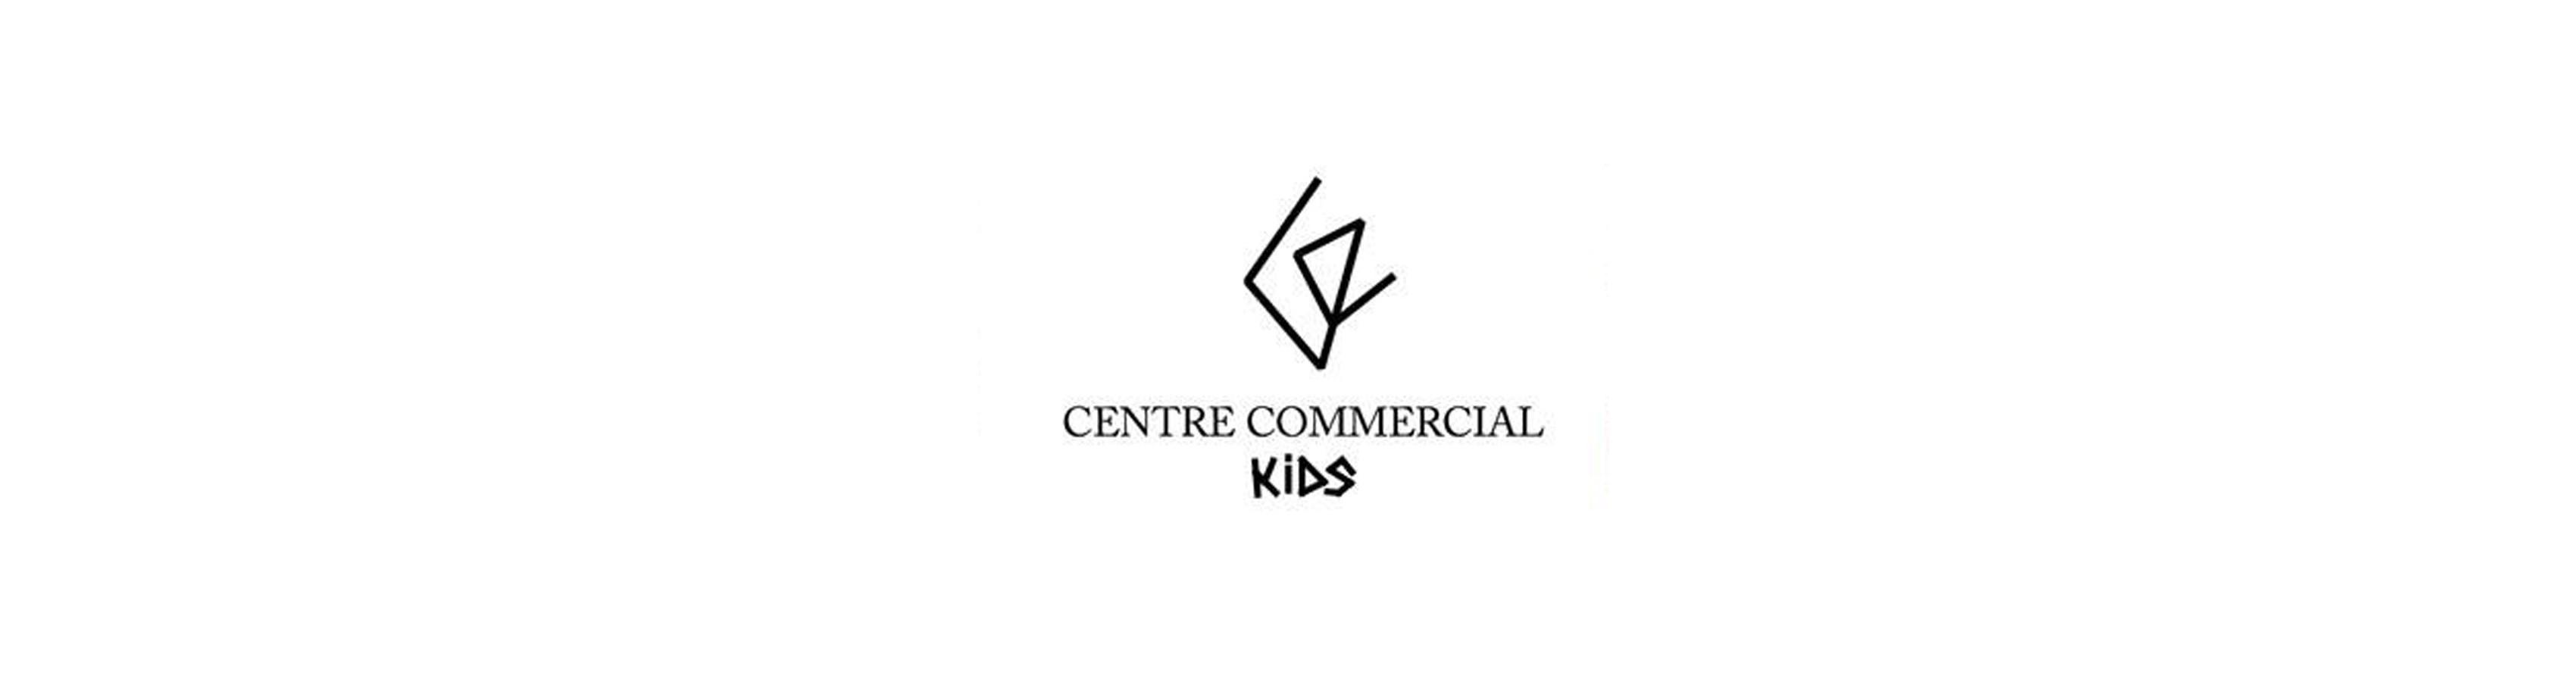 Centre commercial kids